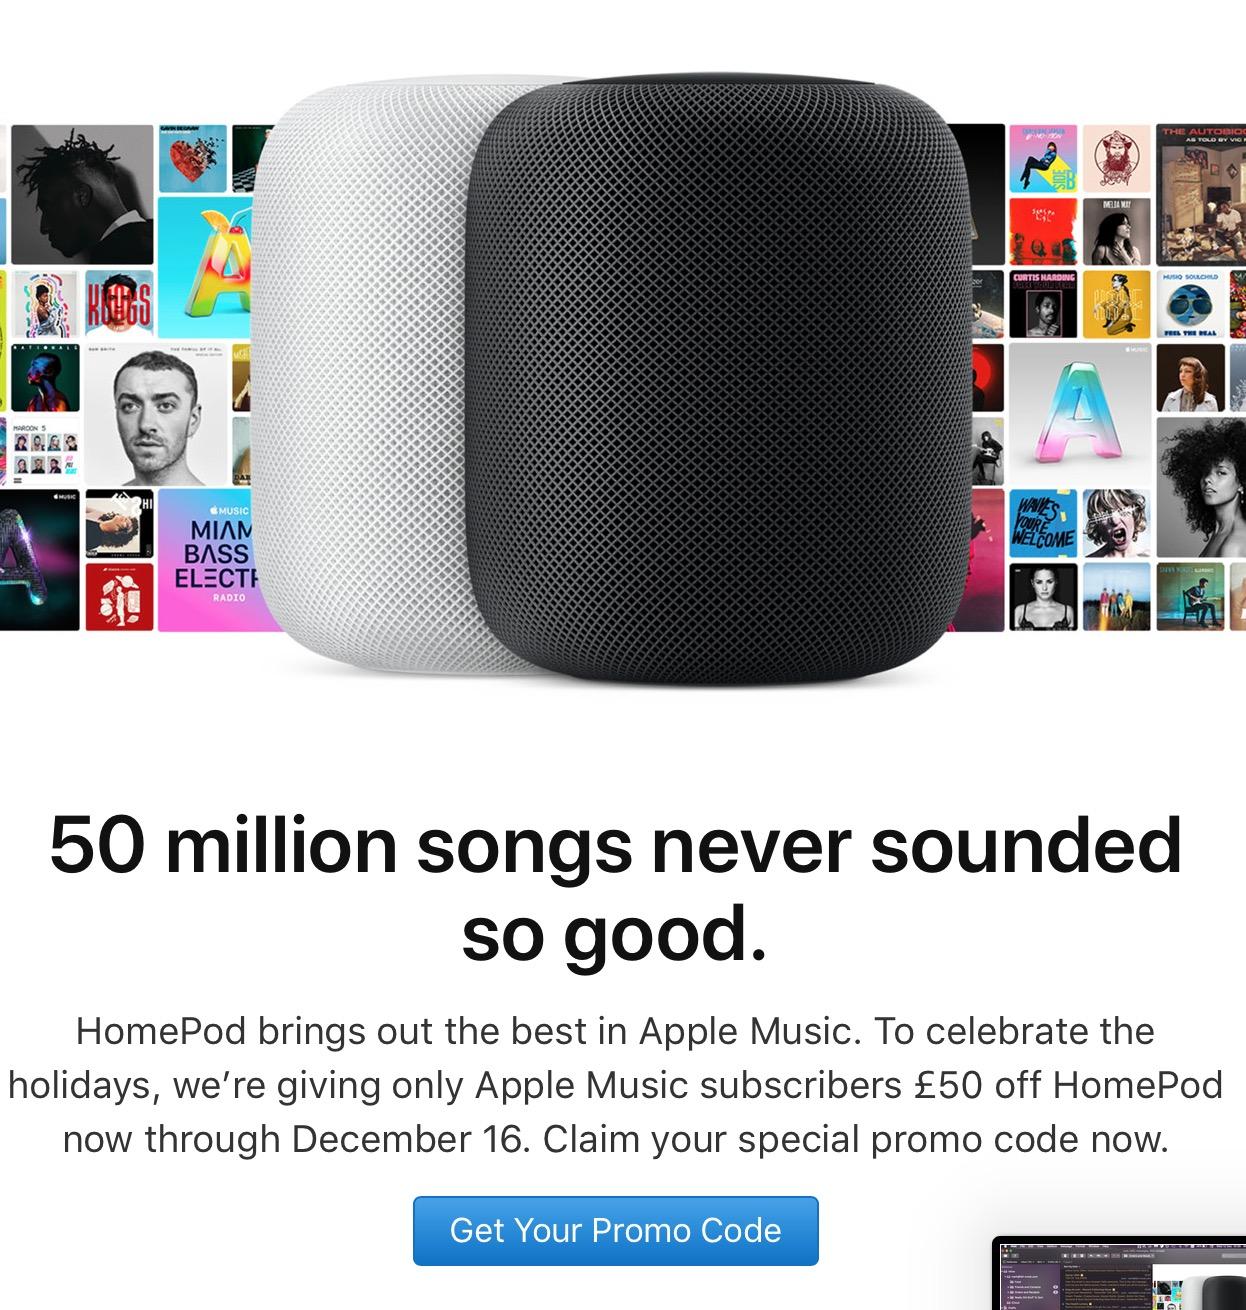 英国 HomePod 促销,Apple Music 订阅用户购买可减 50 英镑